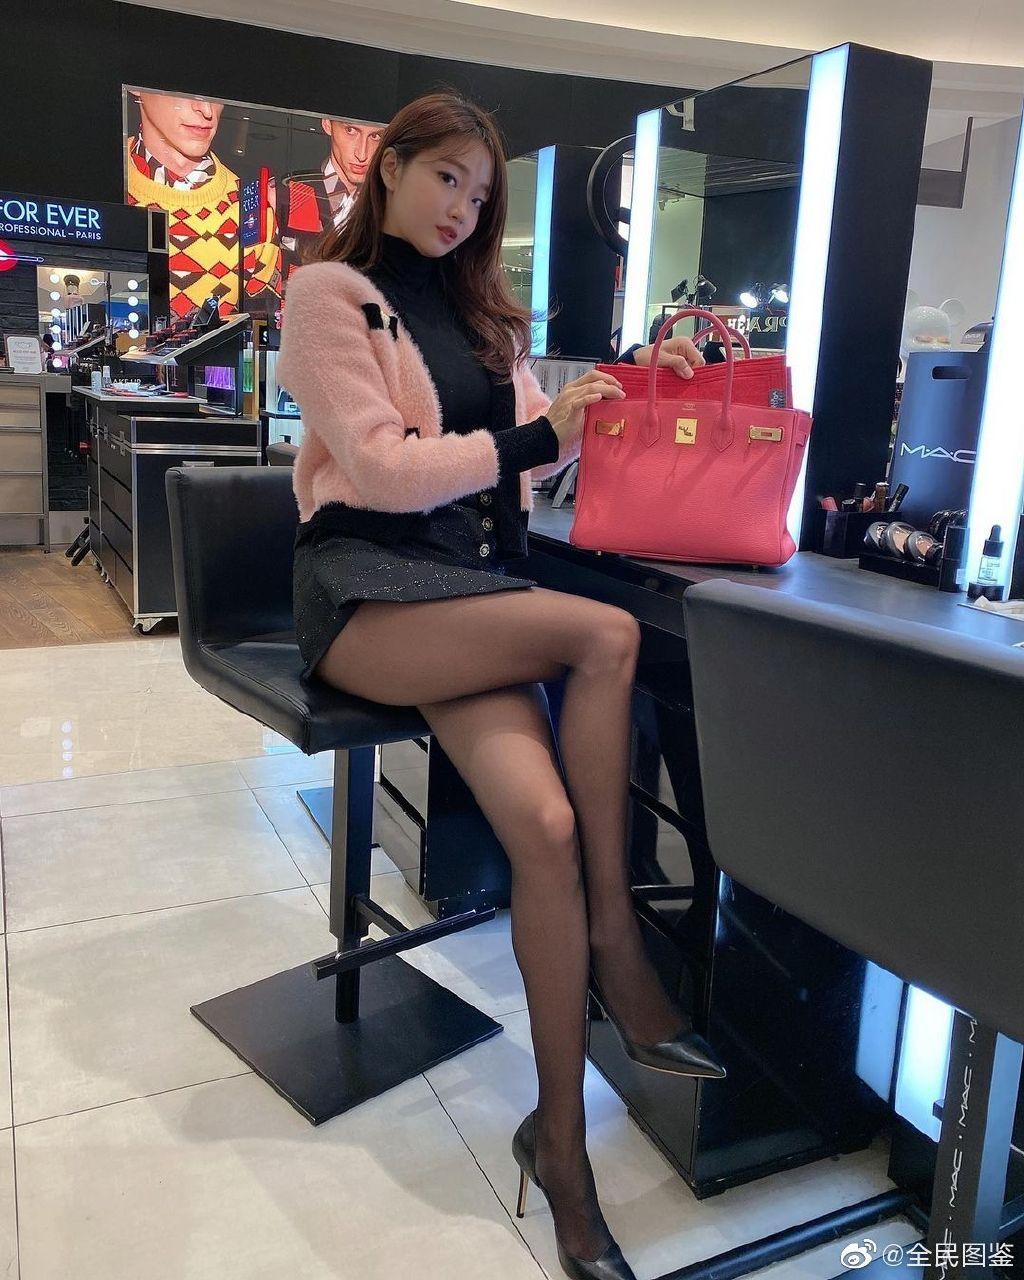 小姐姐这包一定很贵吧?